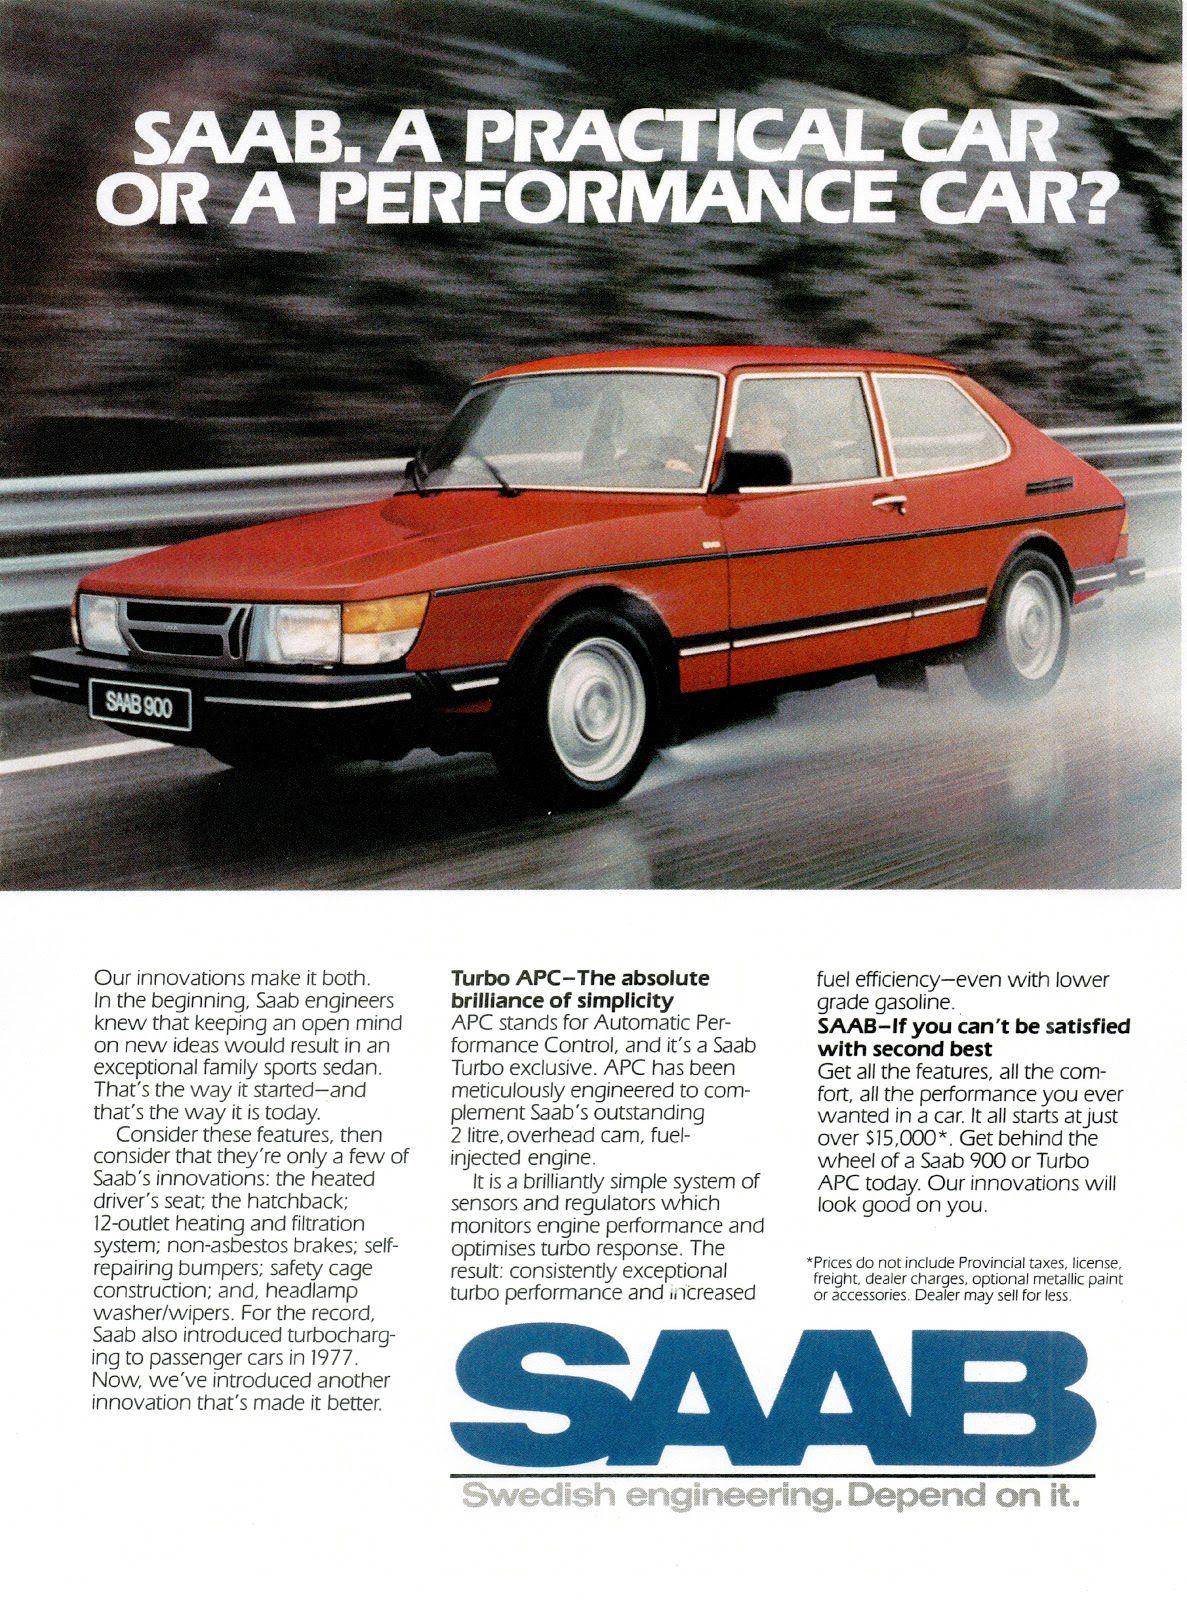 1984 Saab 900 Ad